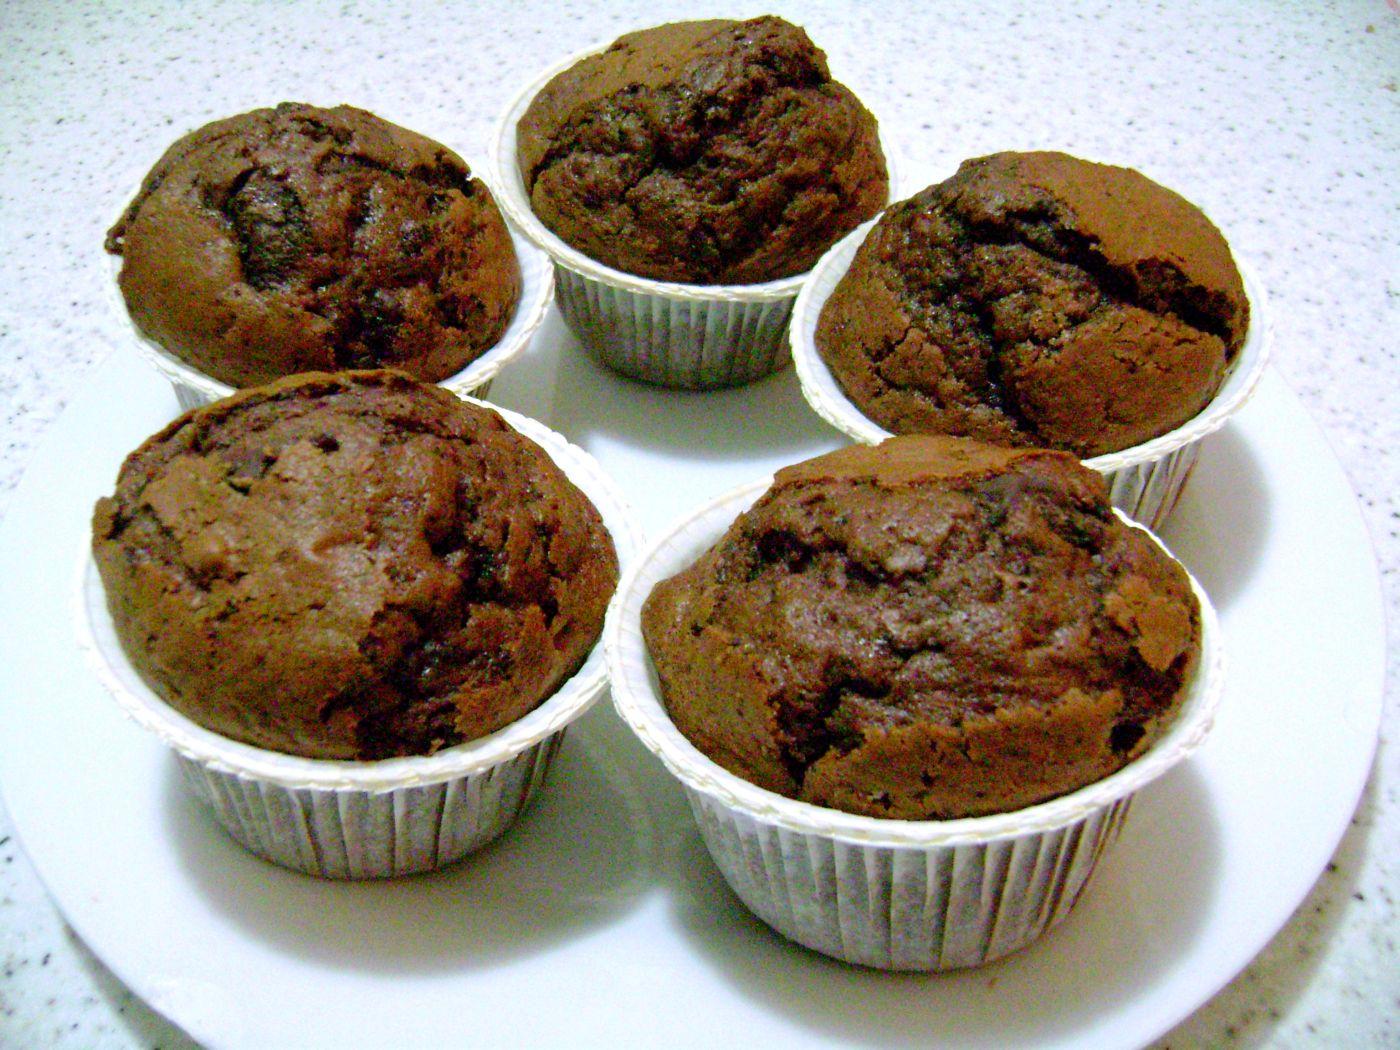 muffins_al_cioccolato_con_gocce_jpg.jpg